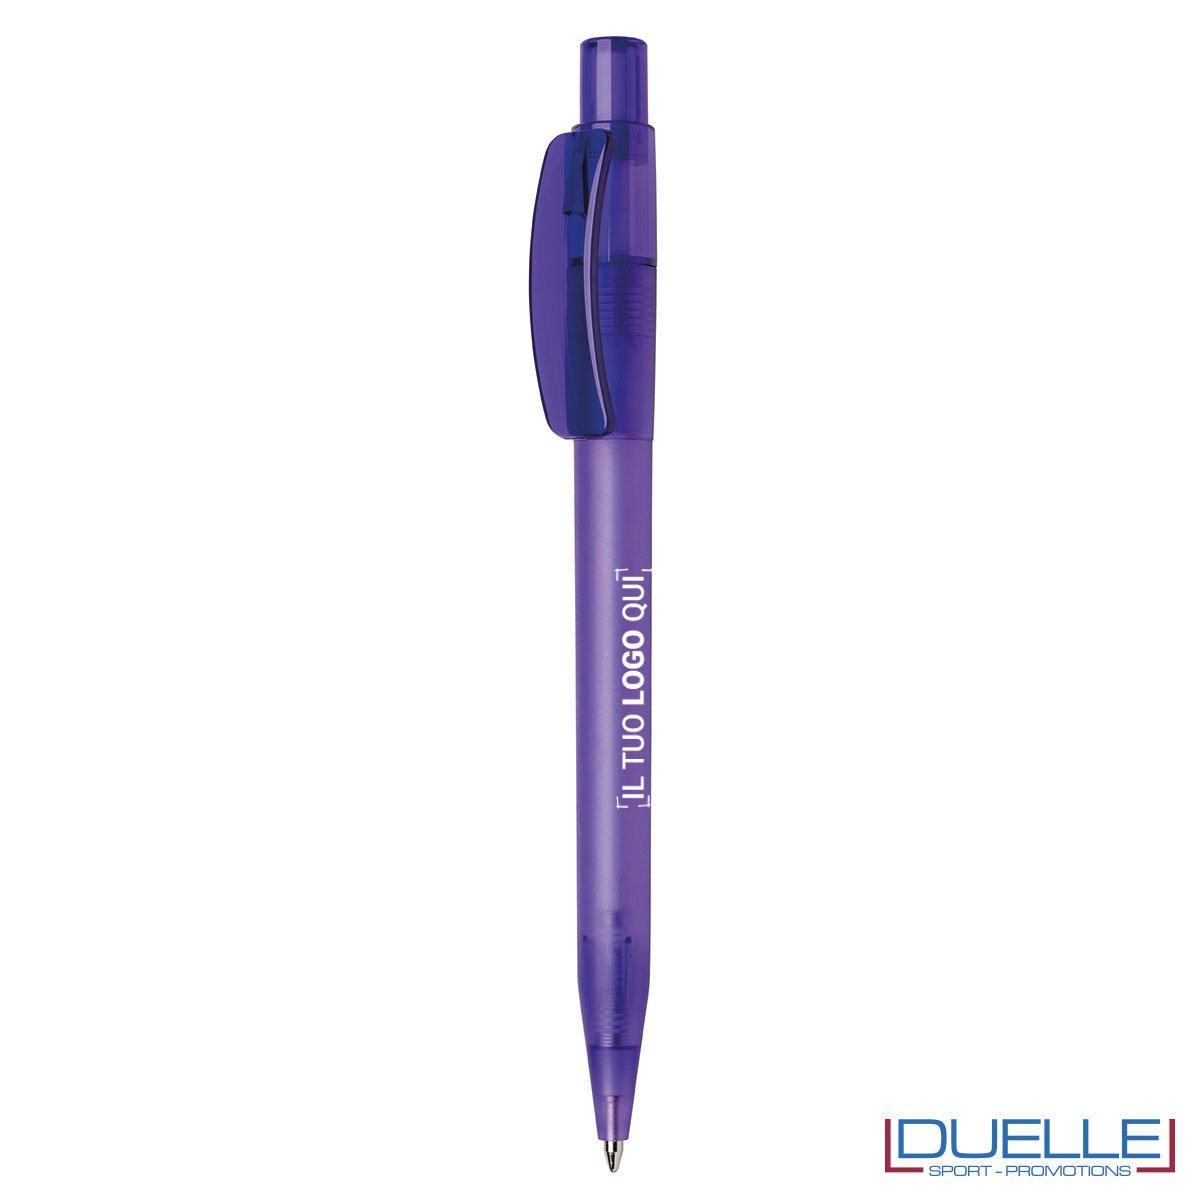 Penna Made in Italy personalizzata viola scuro effetto frost, gadget aziendali, penne personalizzate, gadget personalizzati, articoli promozionali